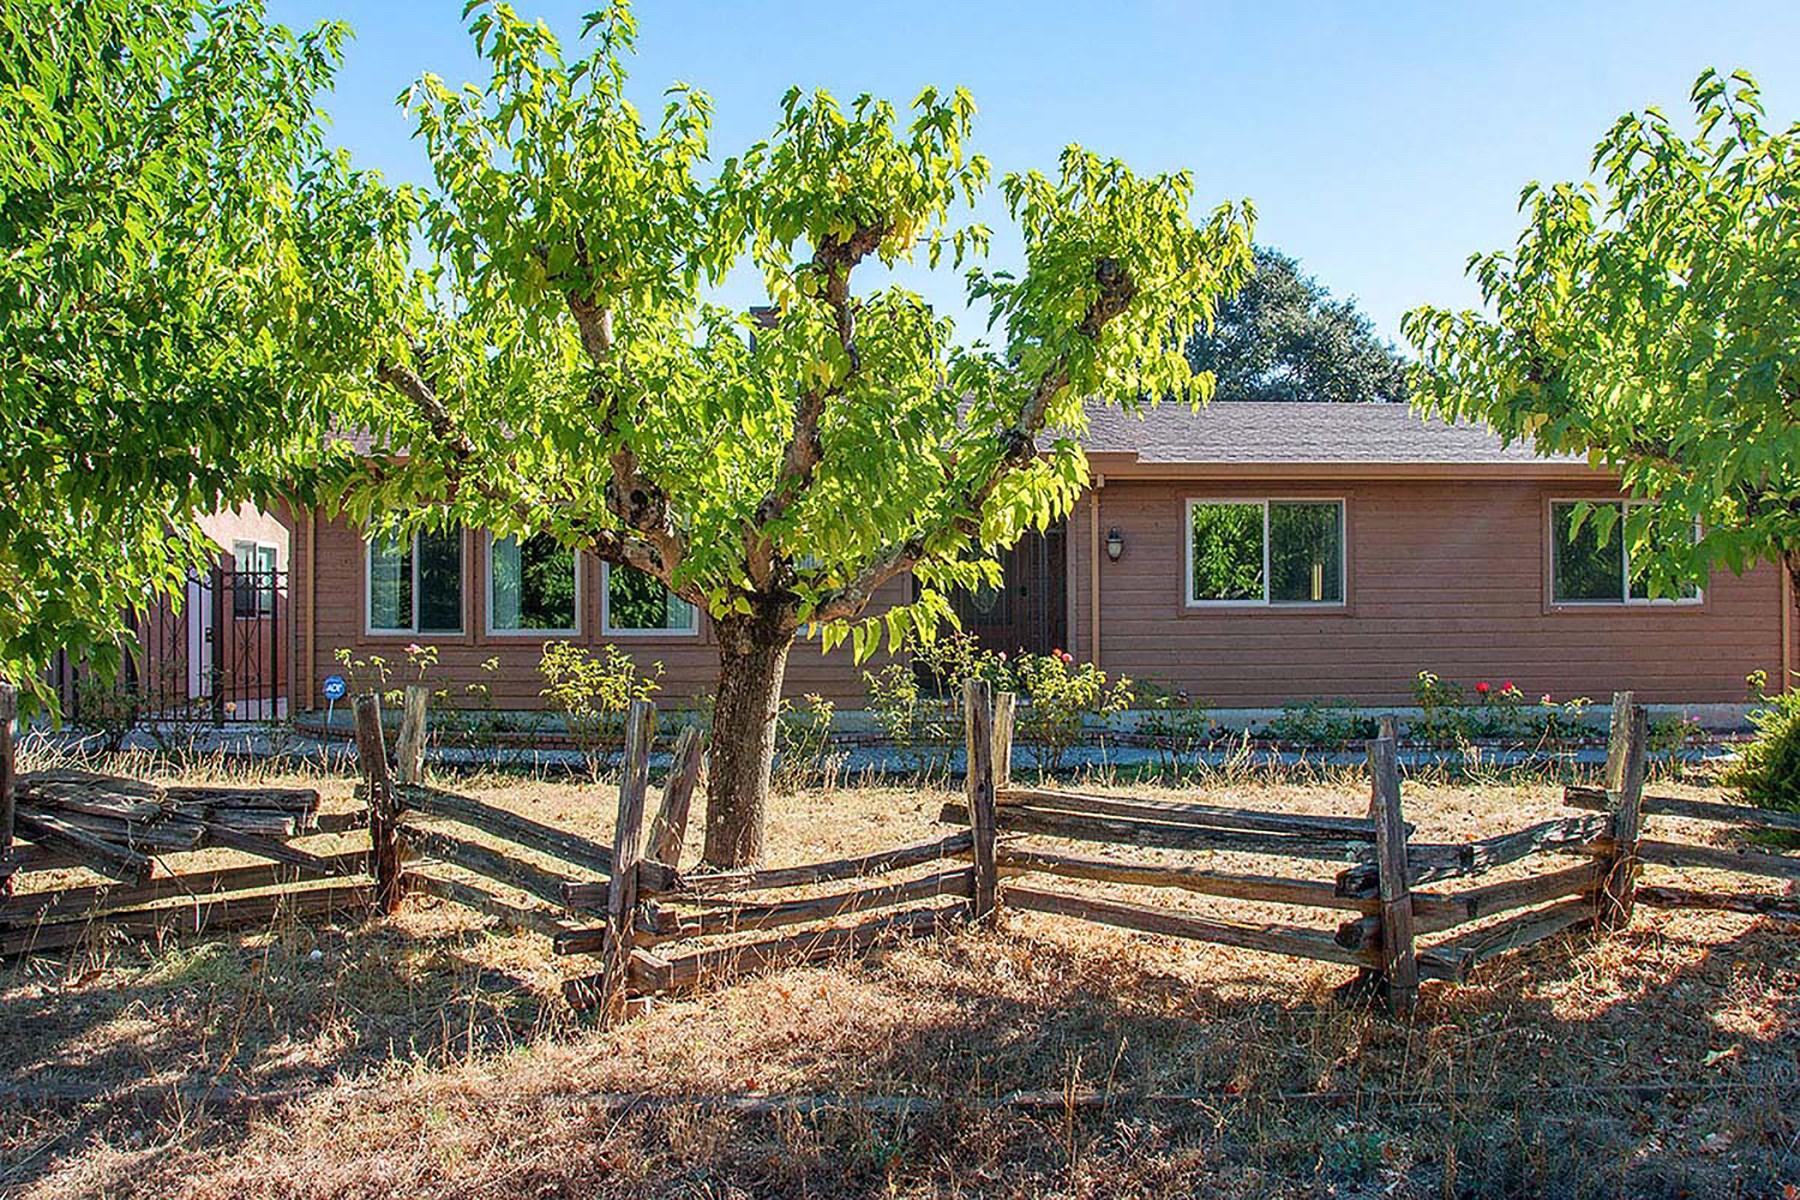 Частный односемейный дом для того Продажа на Over One Acre on the East Side 20230 Garry Ln Sonoma, Калифорния 95476 Соединенные Штаты